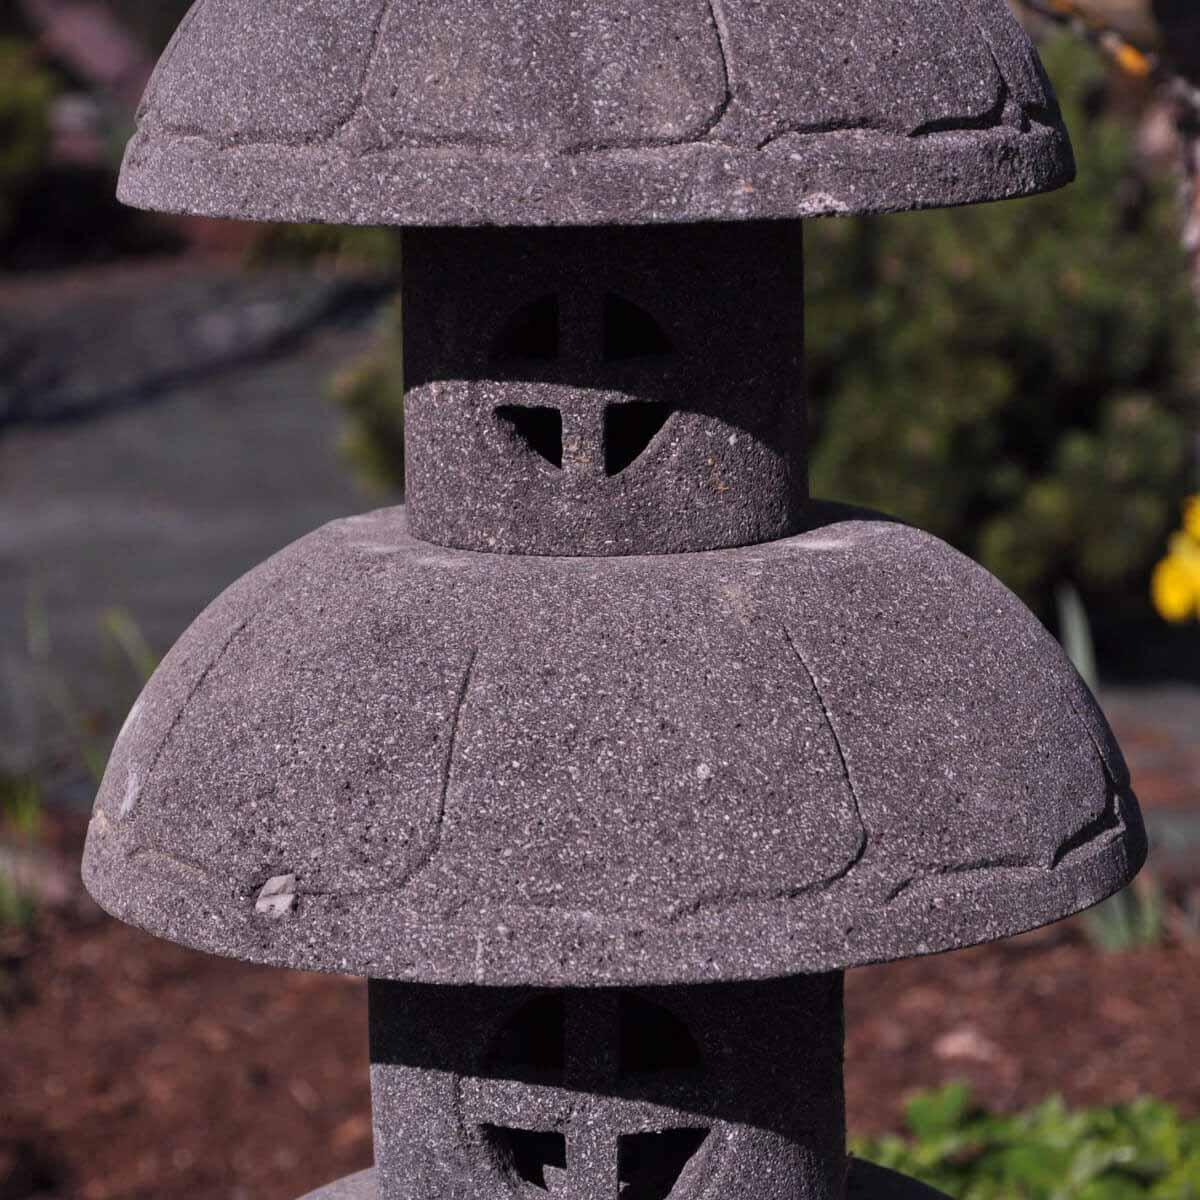 Lampe de jardin en pierre de lave naturel h 1 m 50 cm - Table de jardin en pierre de lave ...